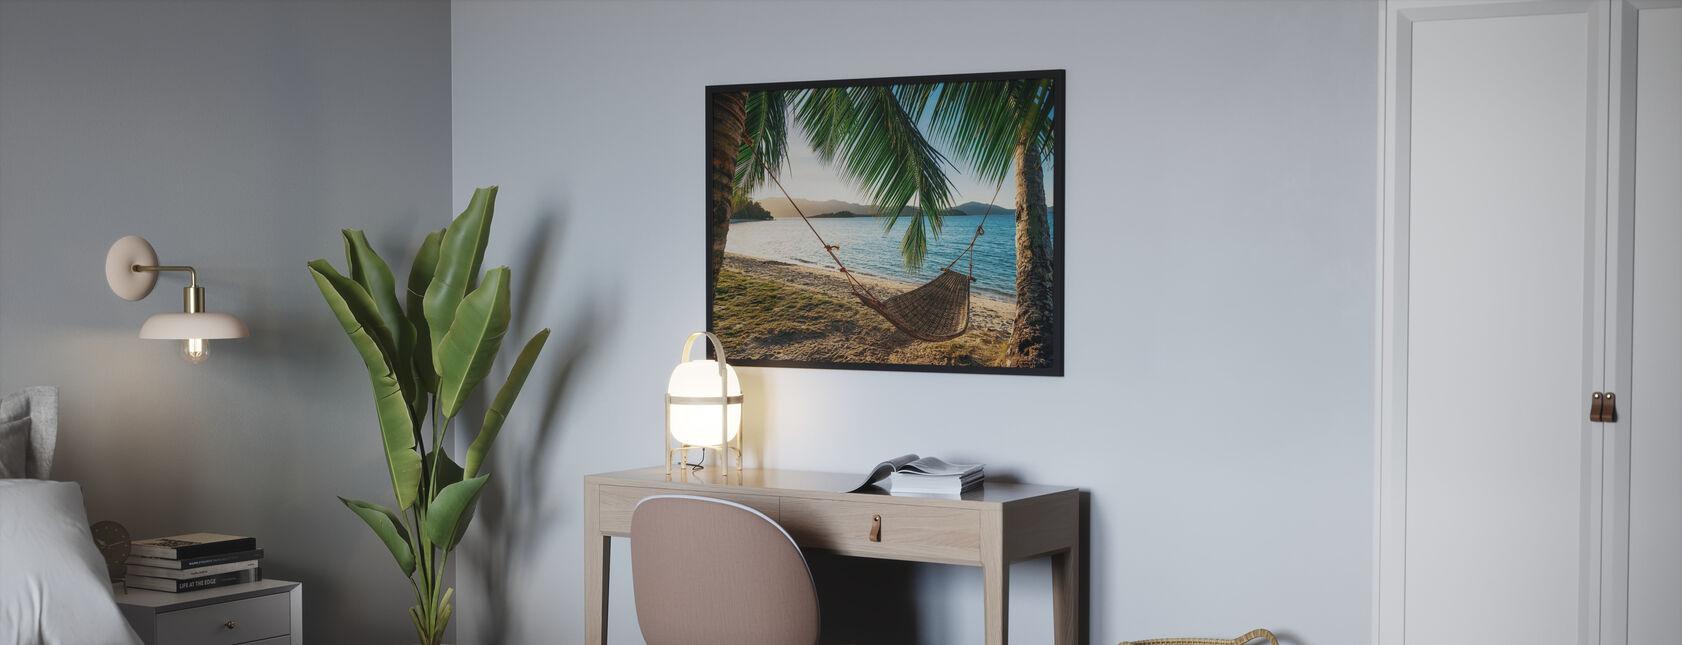 Empty Hammock between Palm Trees - Poster - Bedroom